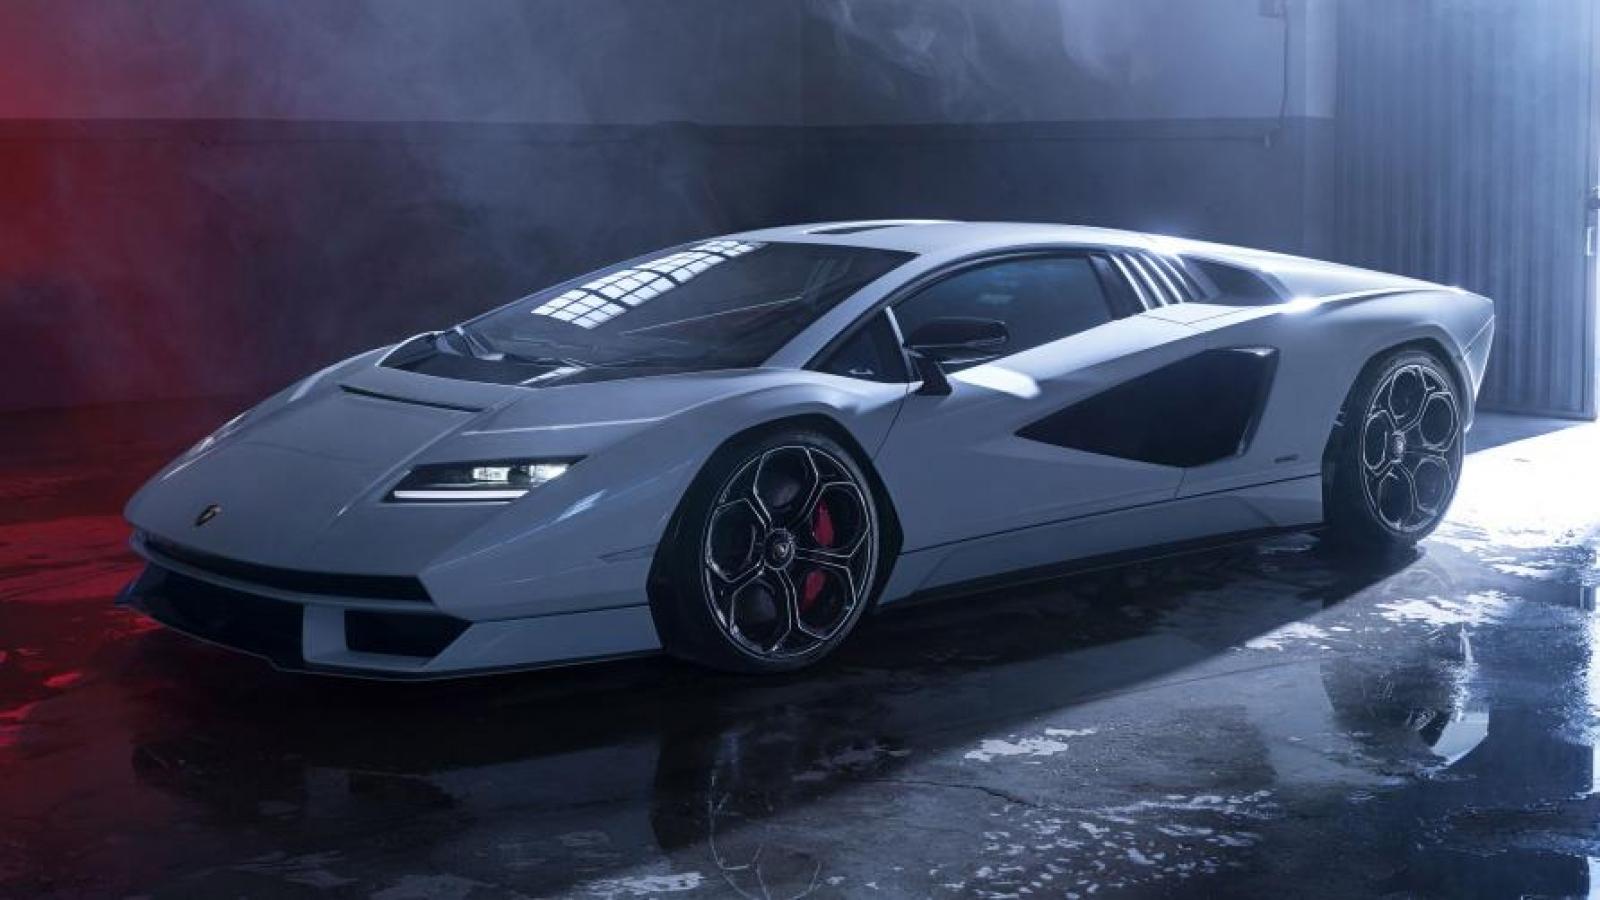 Bất chấp giá 2,64 triệu USD, Lamborghini bán hết 112 chiếc Countach LPI800-4 trong 7 ngày